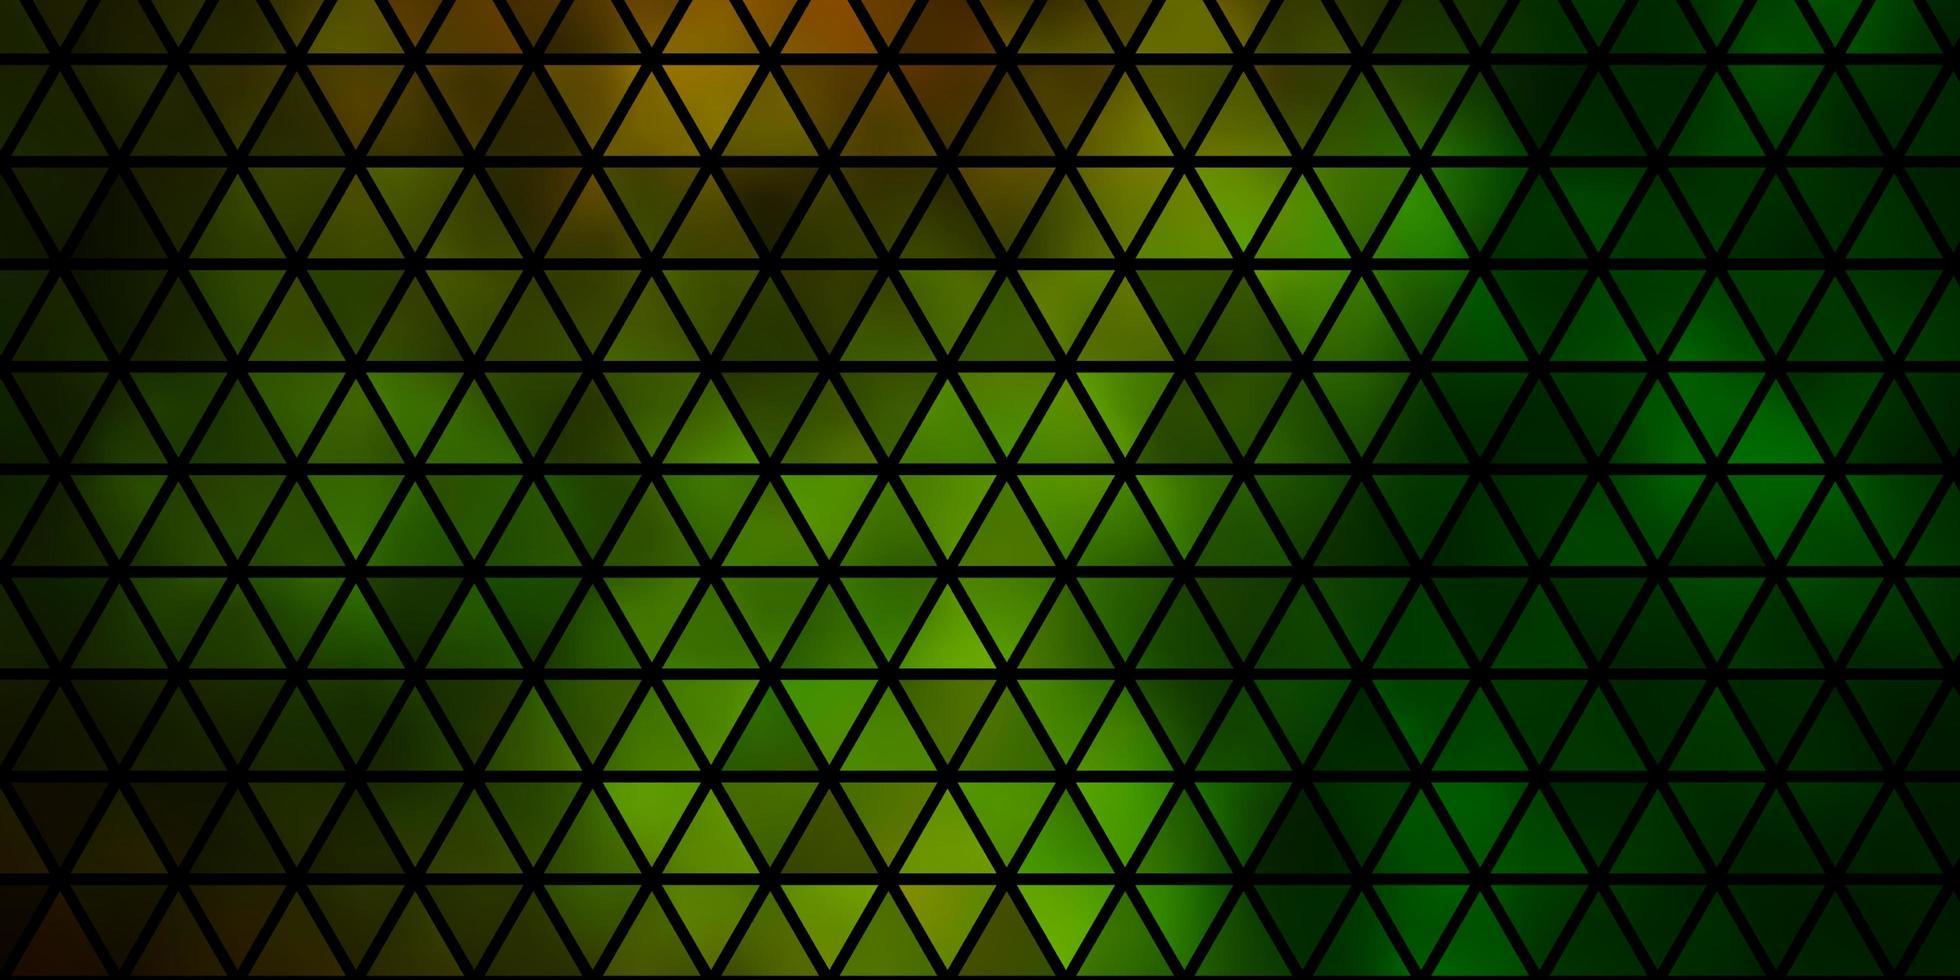 pano de fundo vector verde e amarelo escuro com linhas, triângulos.